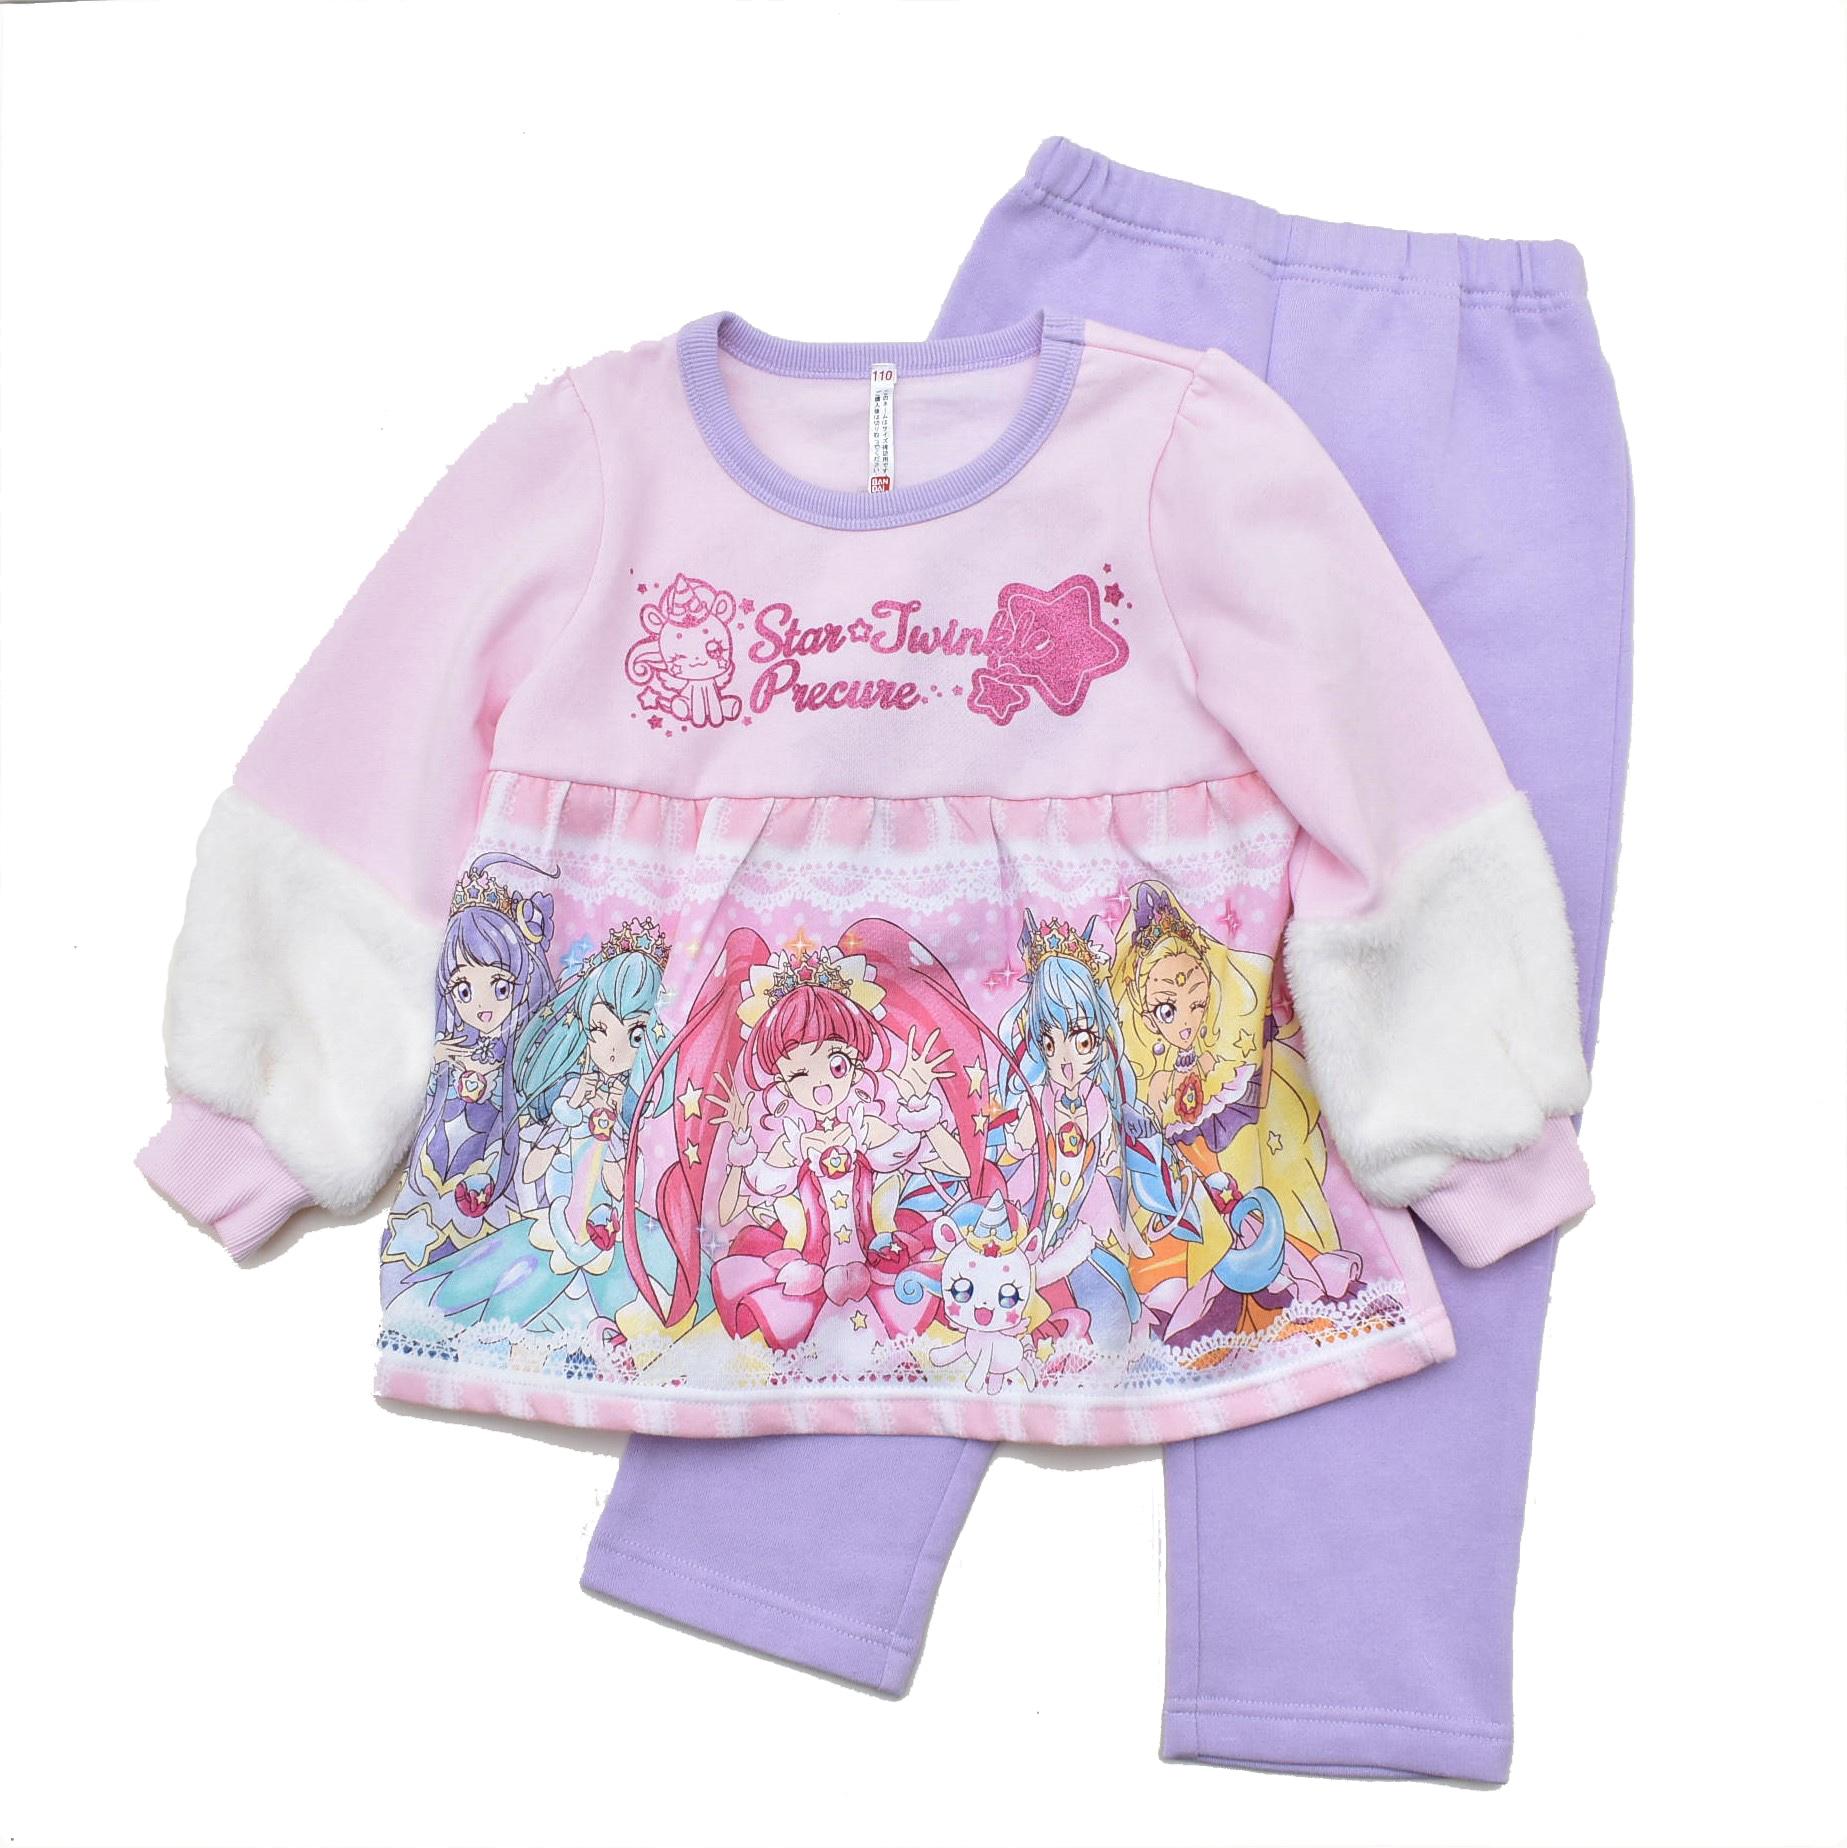 スタートゥインクルプリキュア 光るパジャマ  長袖 110cm/120cm (2486199)